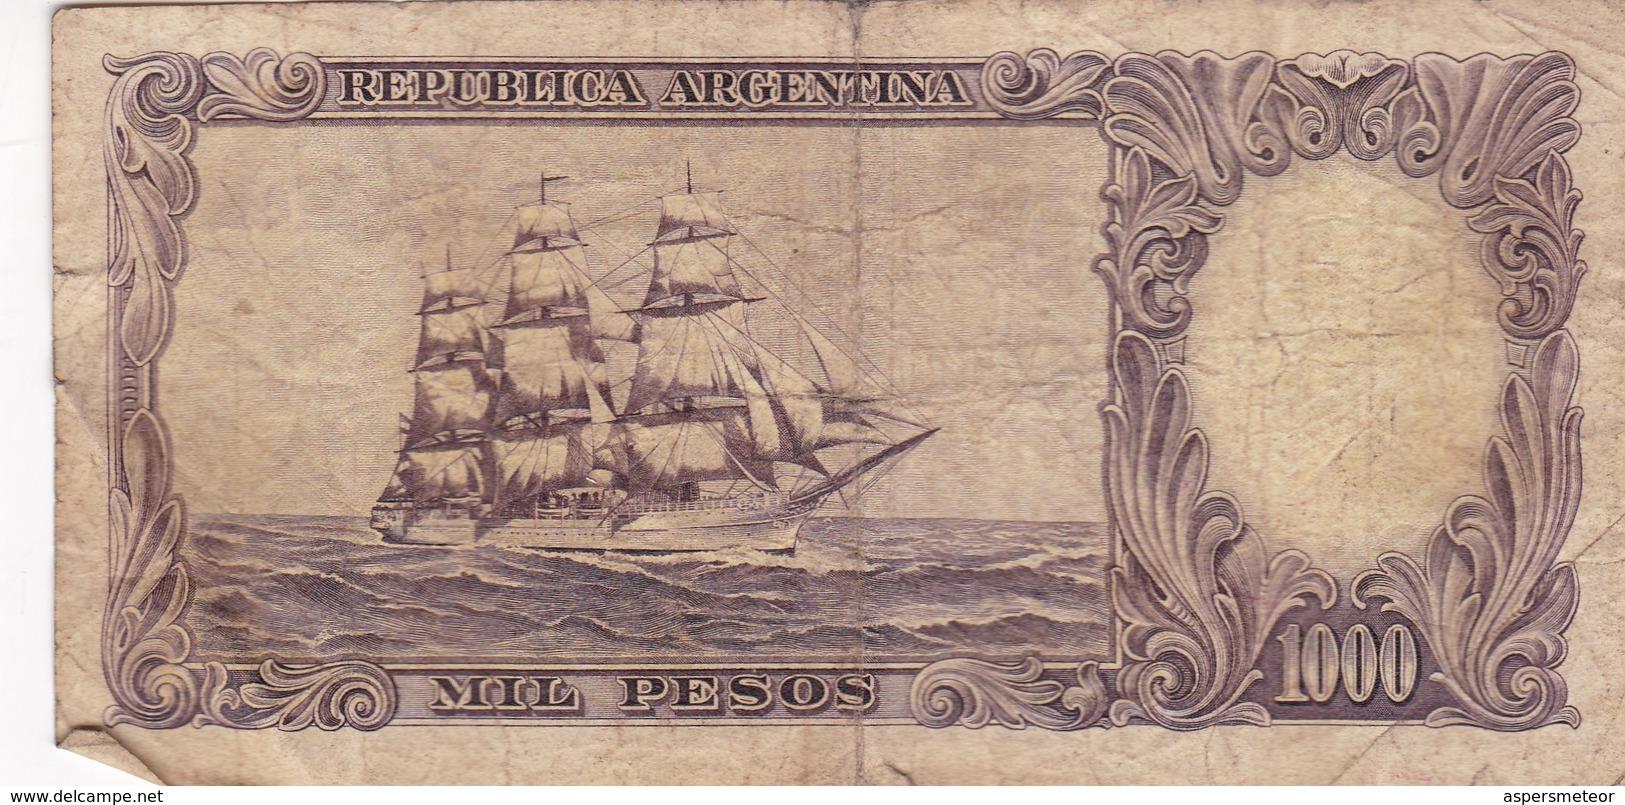 AÑO 1969-MIL PESOS EL BANCO CENTRAL DE LA REPUBLICA ARGENTINA. BILLETE BANKNOTE - BLEUP - Argentine